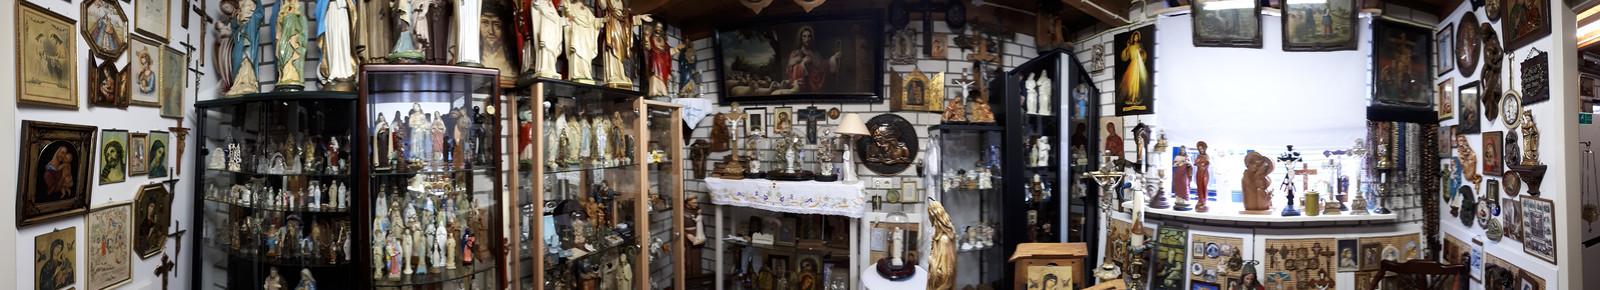 Het kleine museum staat vol met heiligenbeelden, schilderijen en noveenkaarsen. Foto Janneke Hobo